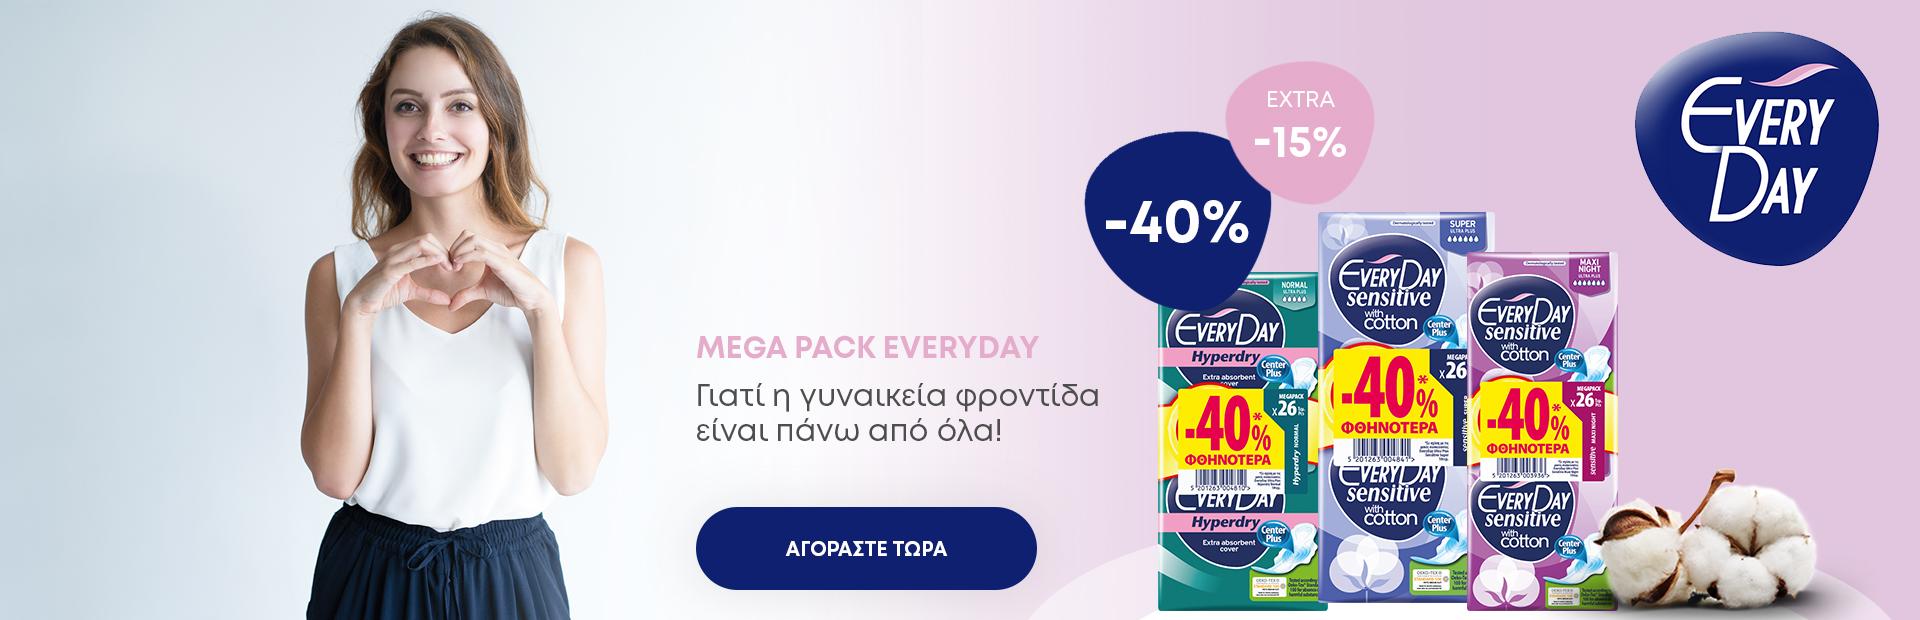 everyday 40+15%